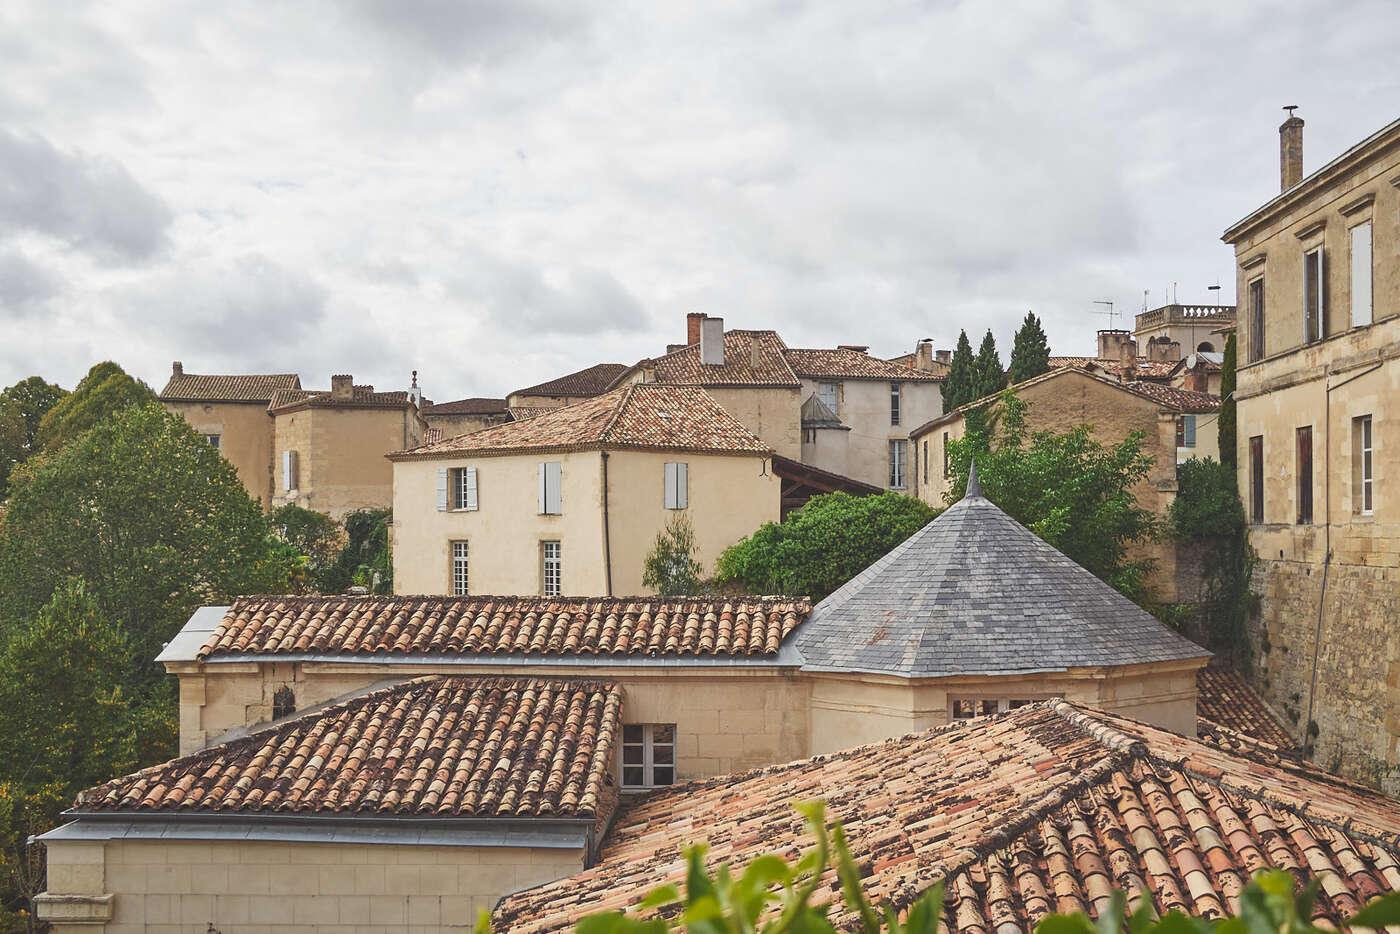 LEs toits de Bazas